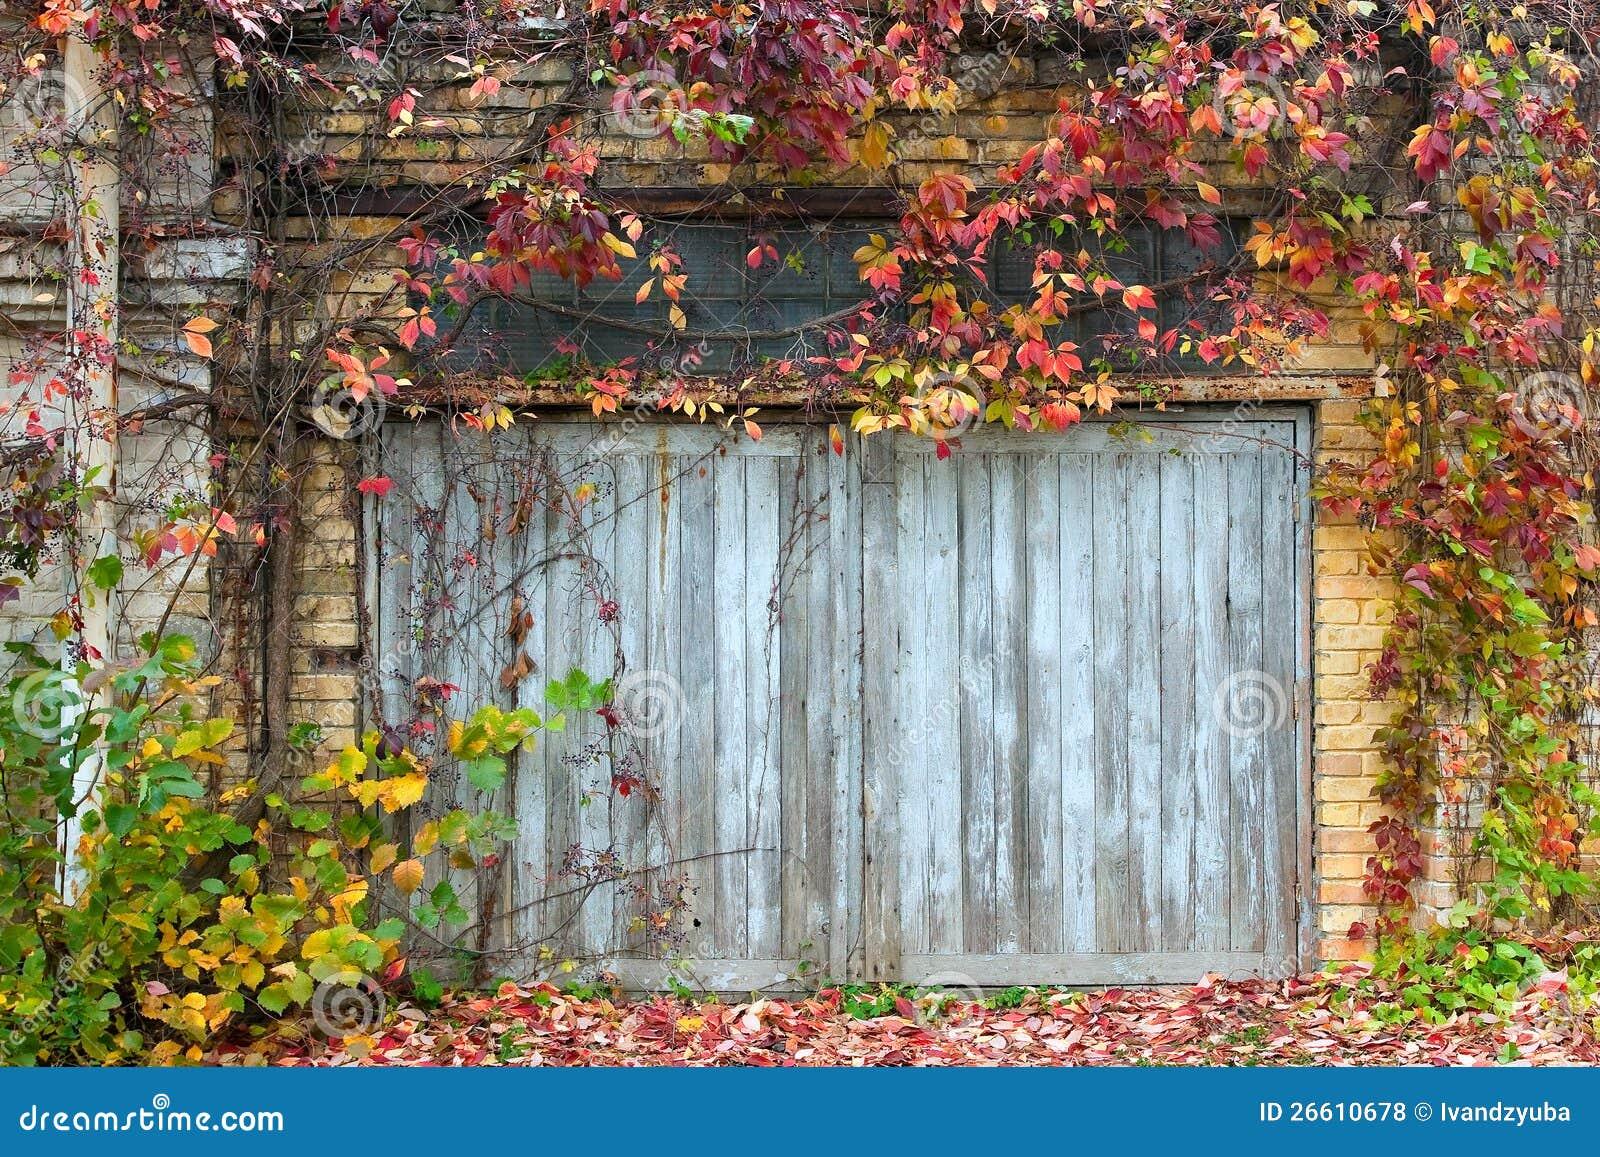 vieille trappe en bois avec un mur de briques photo stock image du ville abstrait 26610678. Black Bedroom Furniture Sets. Home Design Ideas